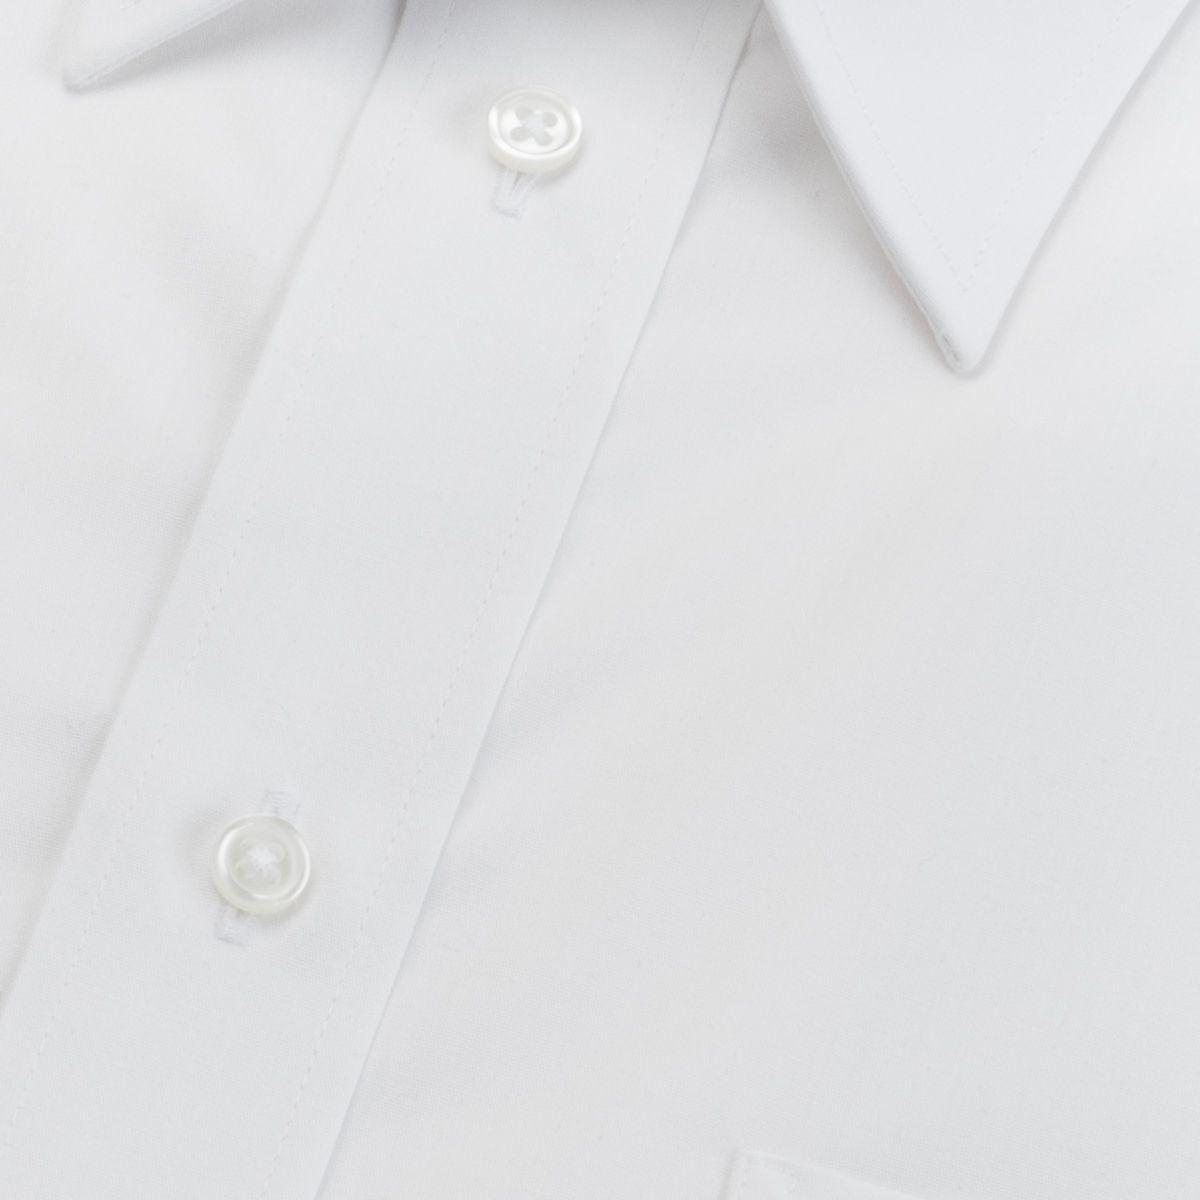 抗菌防臭・形態安定 レギュラーカラー ワイシャツ 半袖 【HAVEL Classic & Basic】